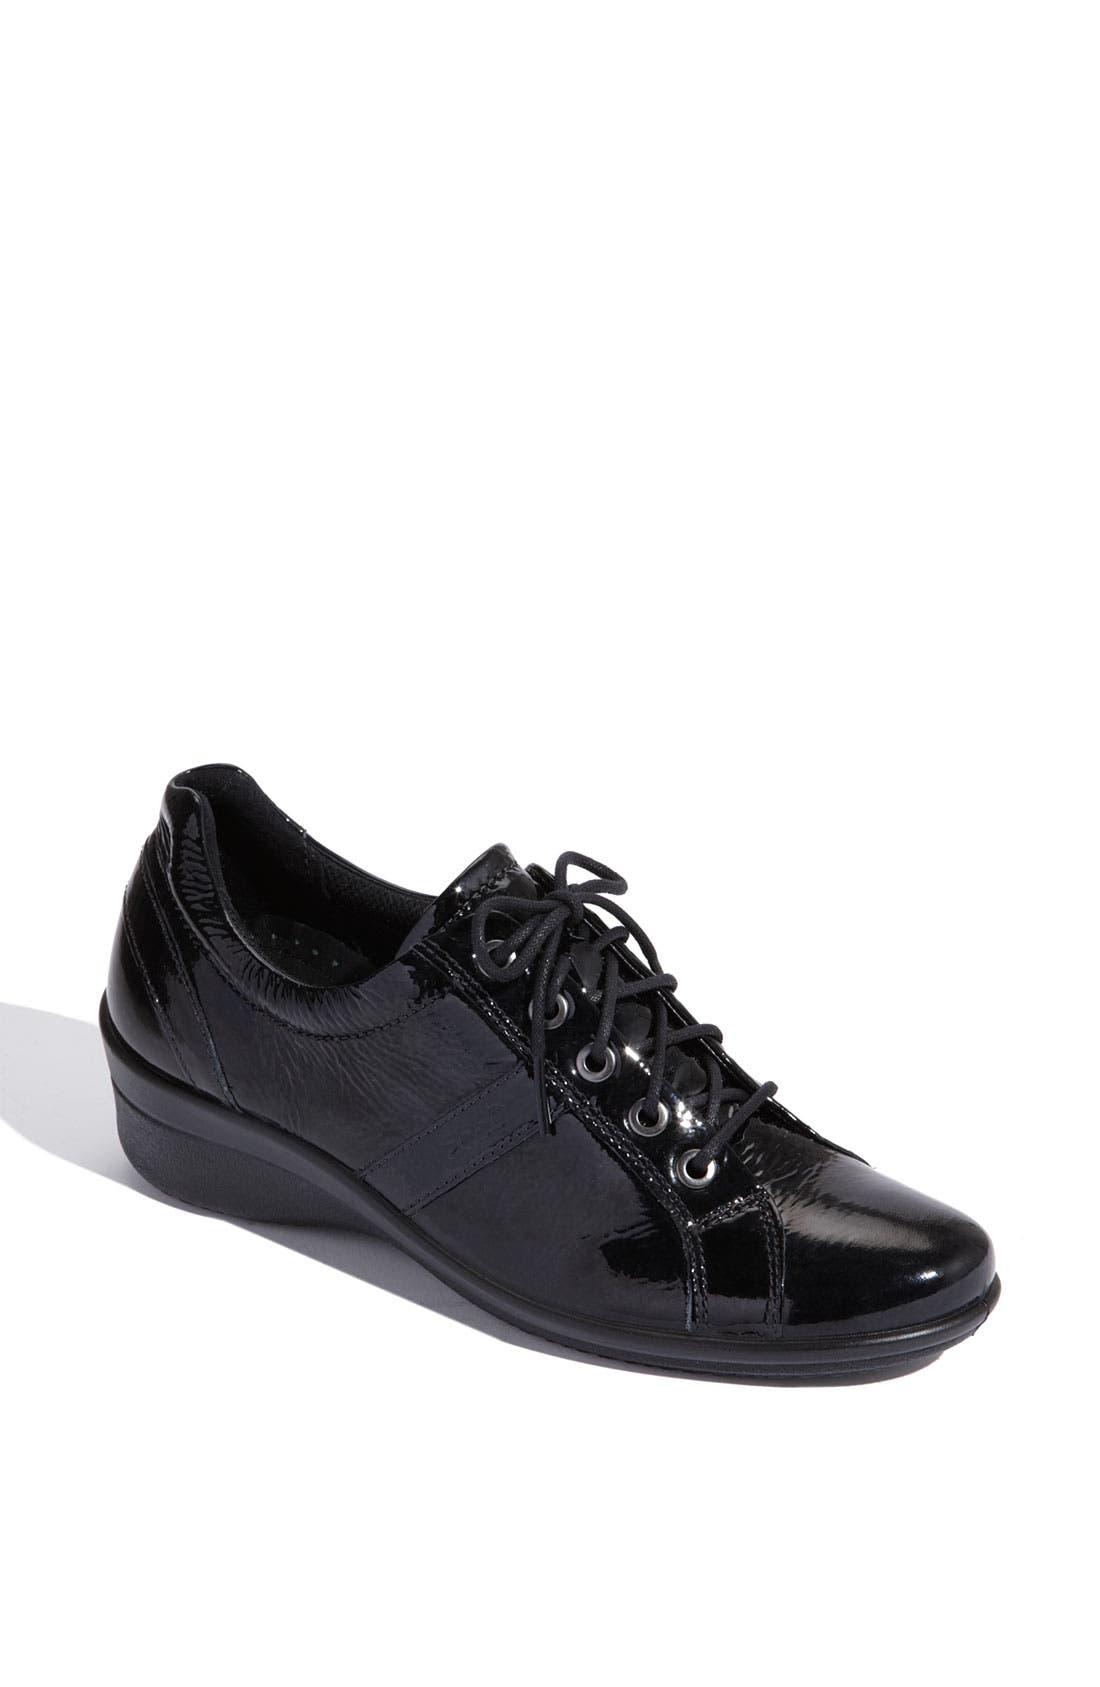 Main Image - ECCO 'Corse Tie' Sneaker